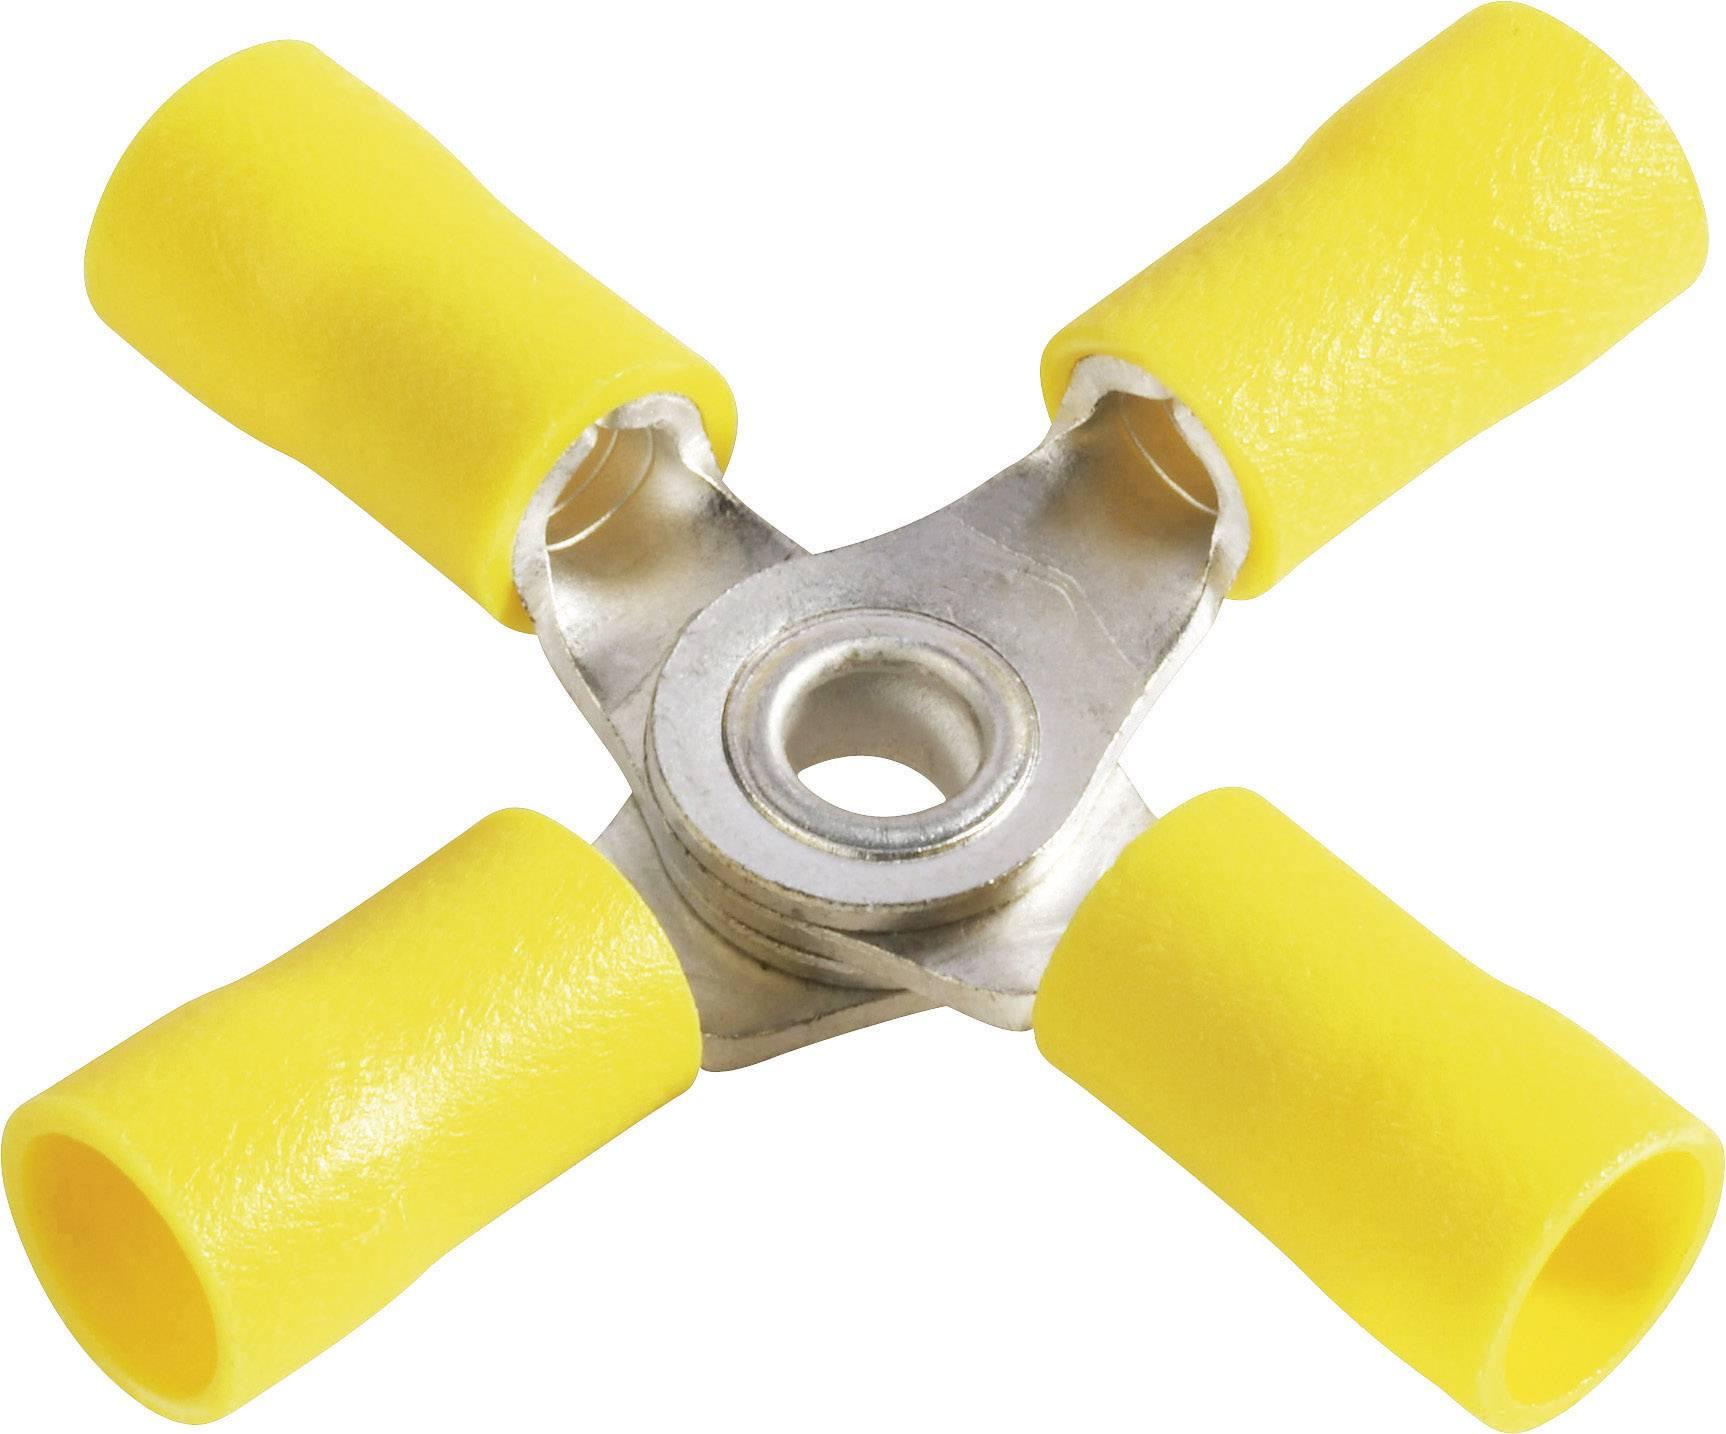 Křížové oko Ø otvoru 4 mm částečná izolace žlutá Vogt Verbindungstechnik 3655a4 1 ks